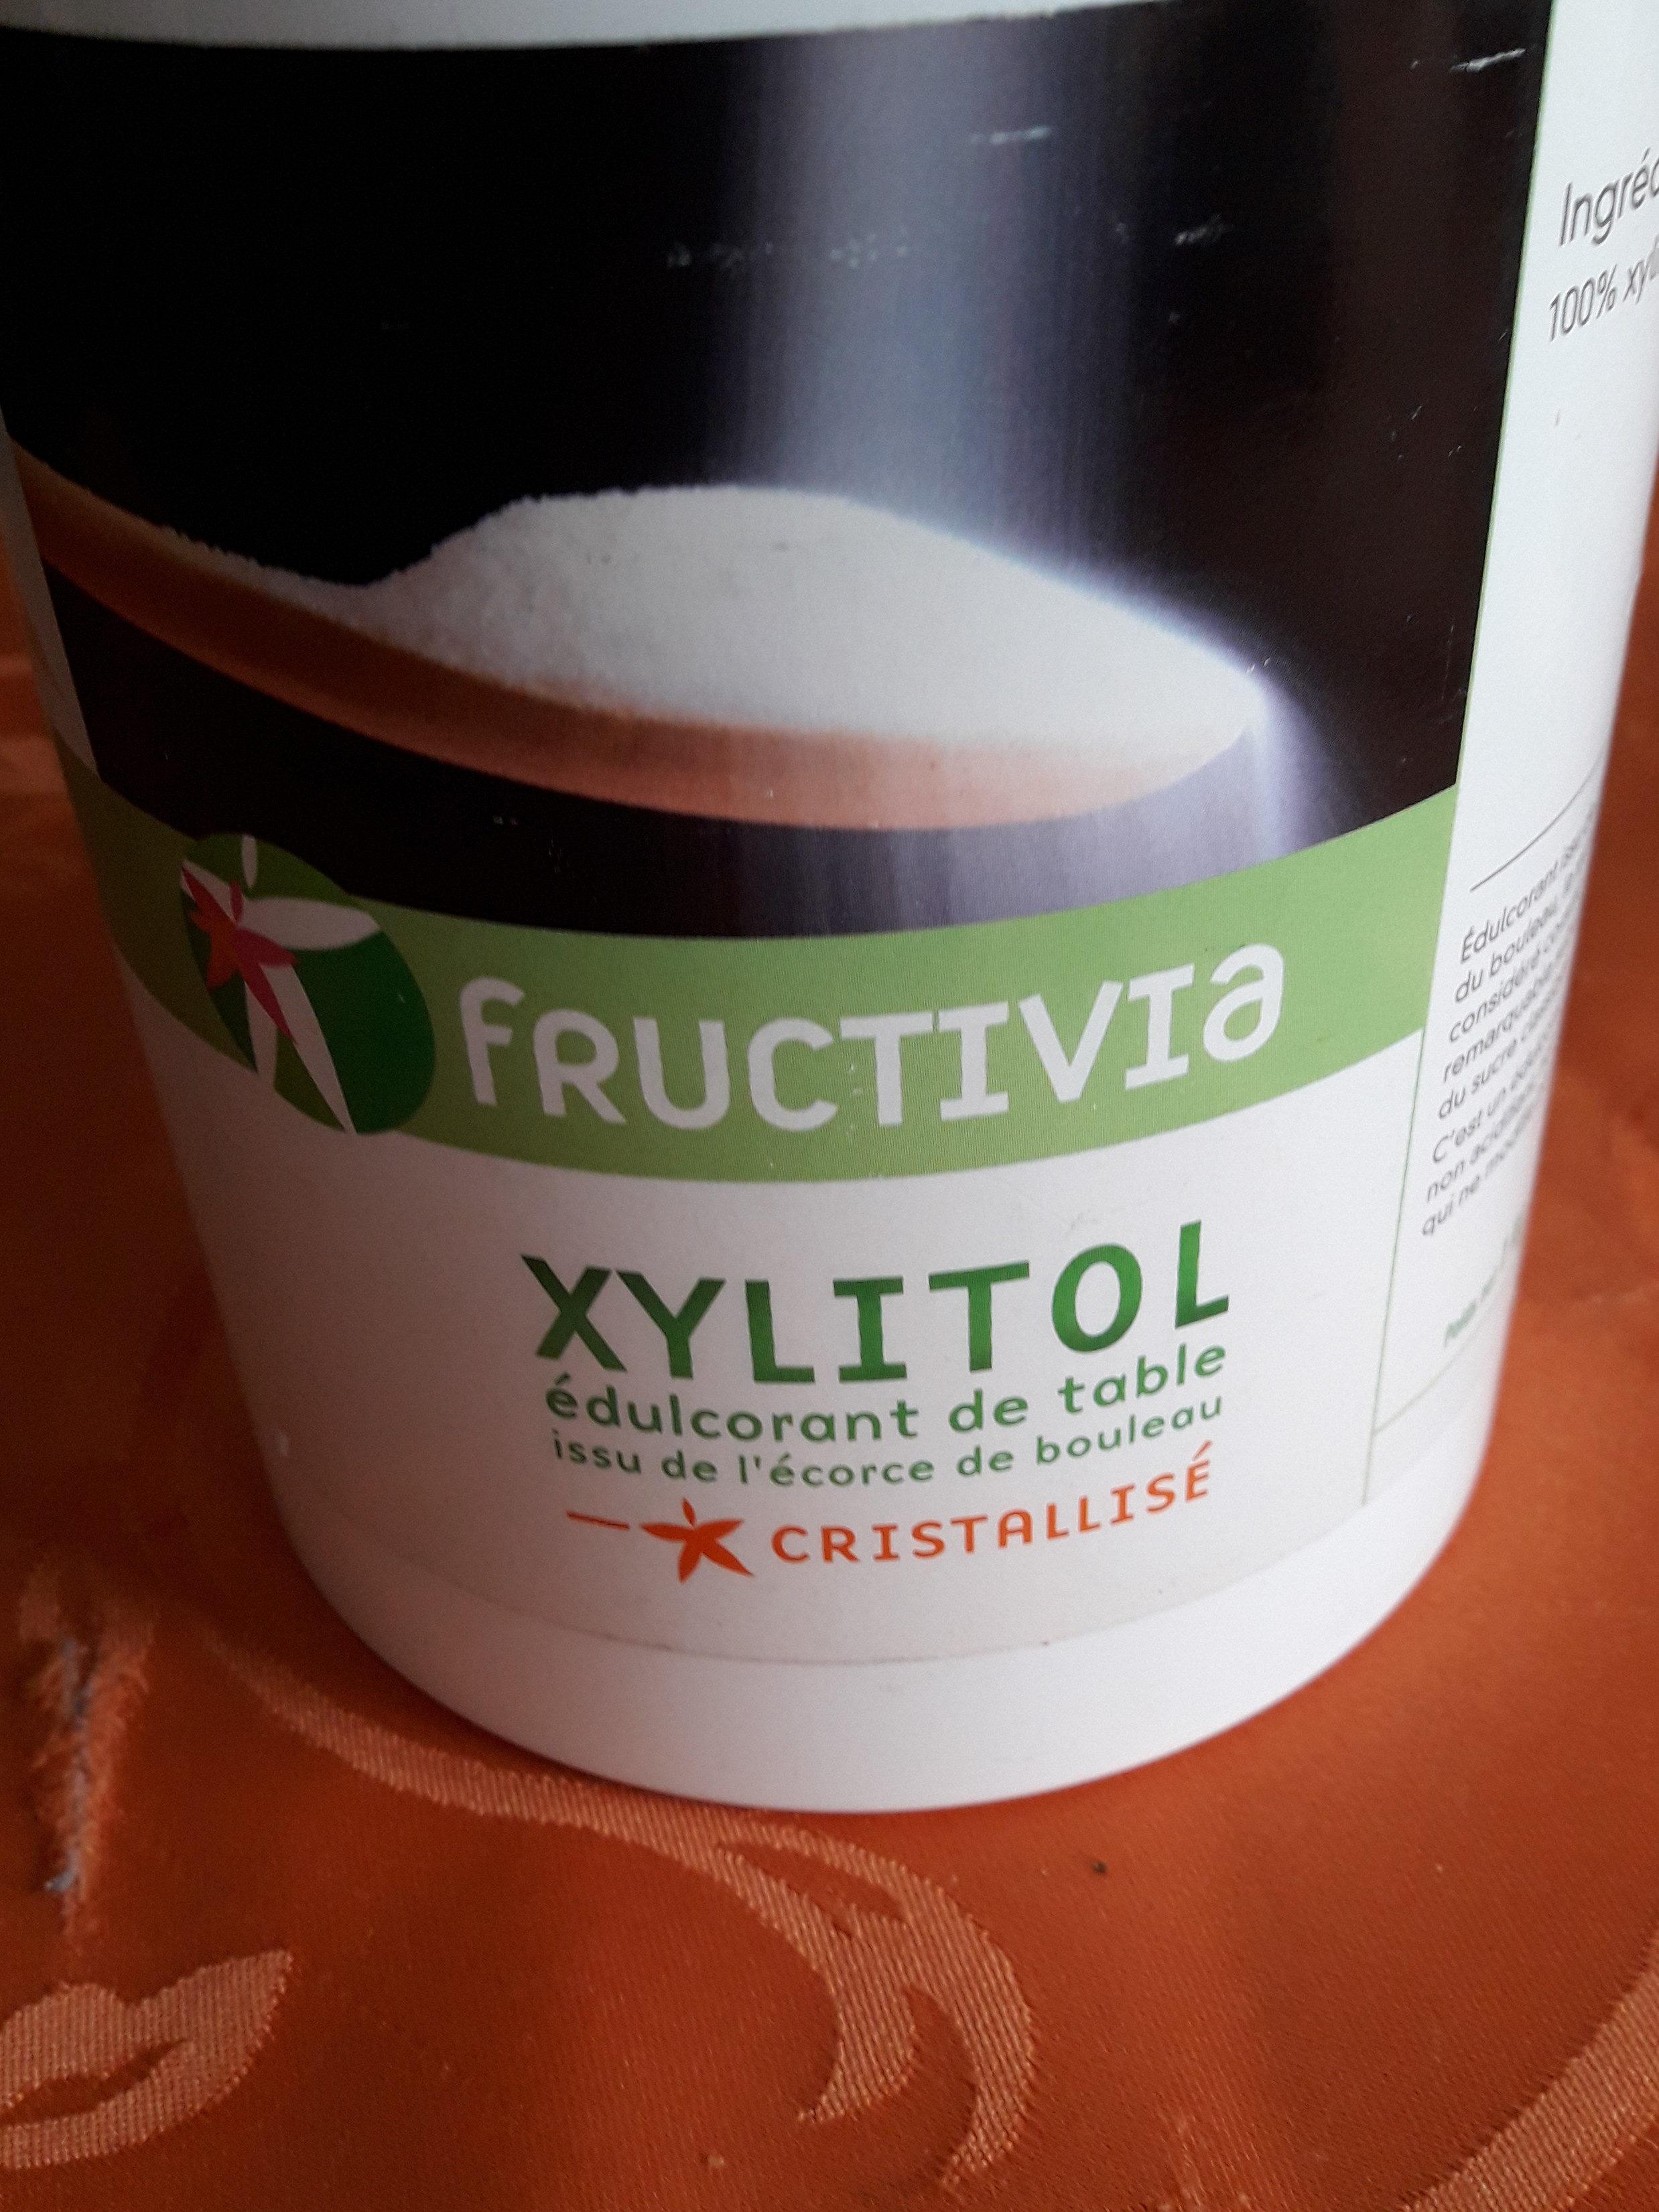 Fructivia Xylitol Cristallisé - Finlande - Pot - Produit - fr